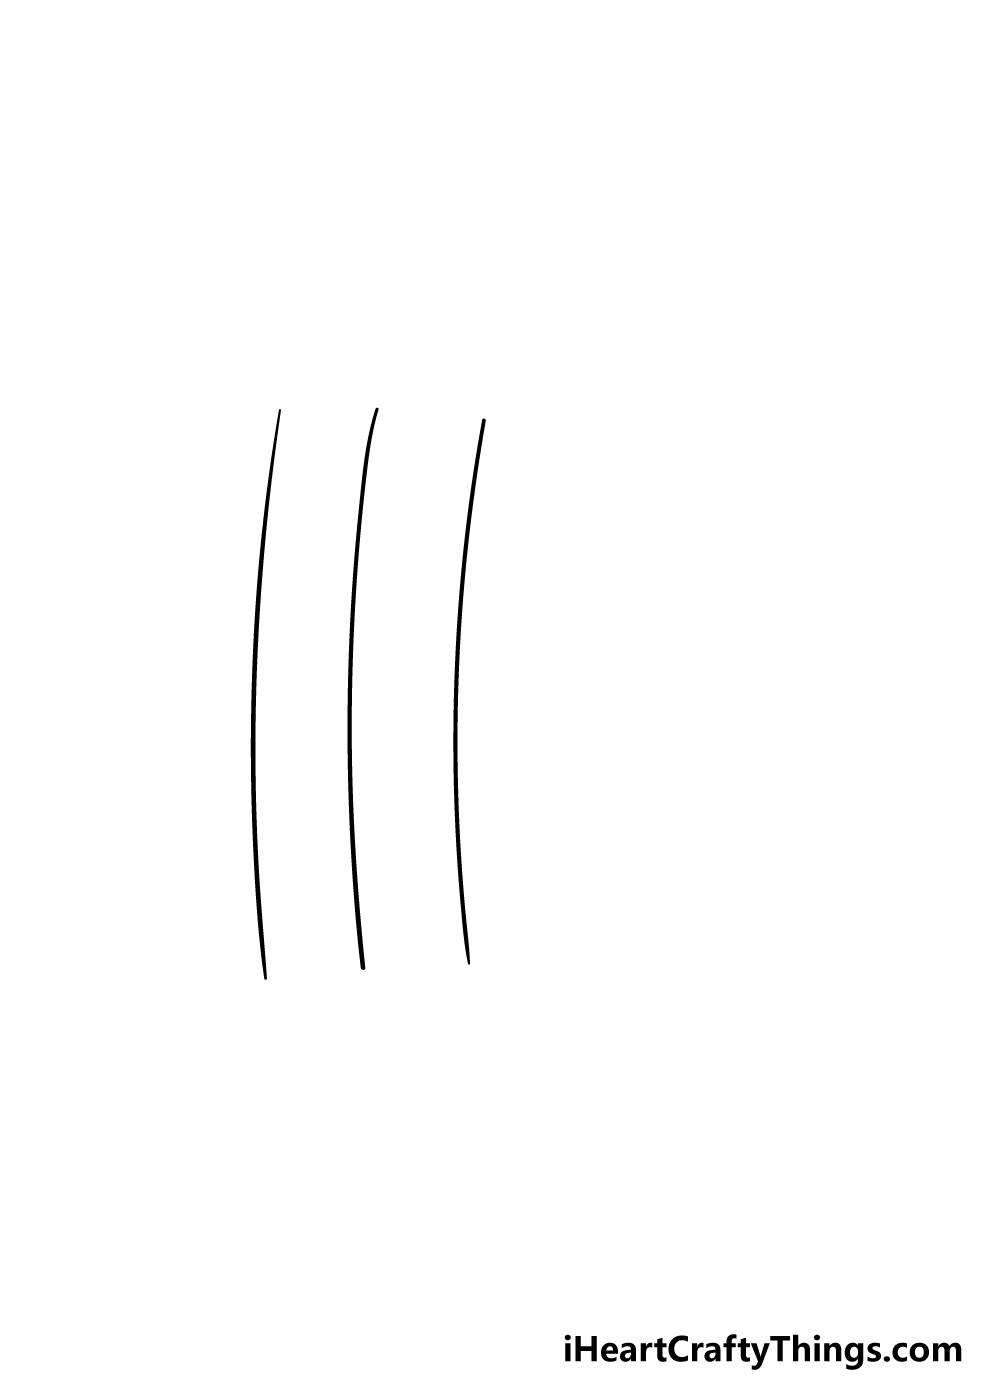 plaid drawing step 1